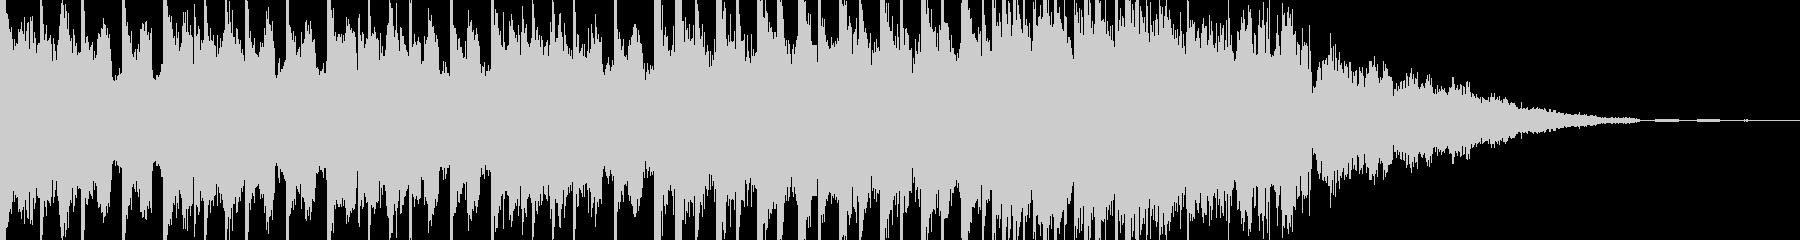 EDMシンセ&ドラムロールビルドアップの未再生の波形